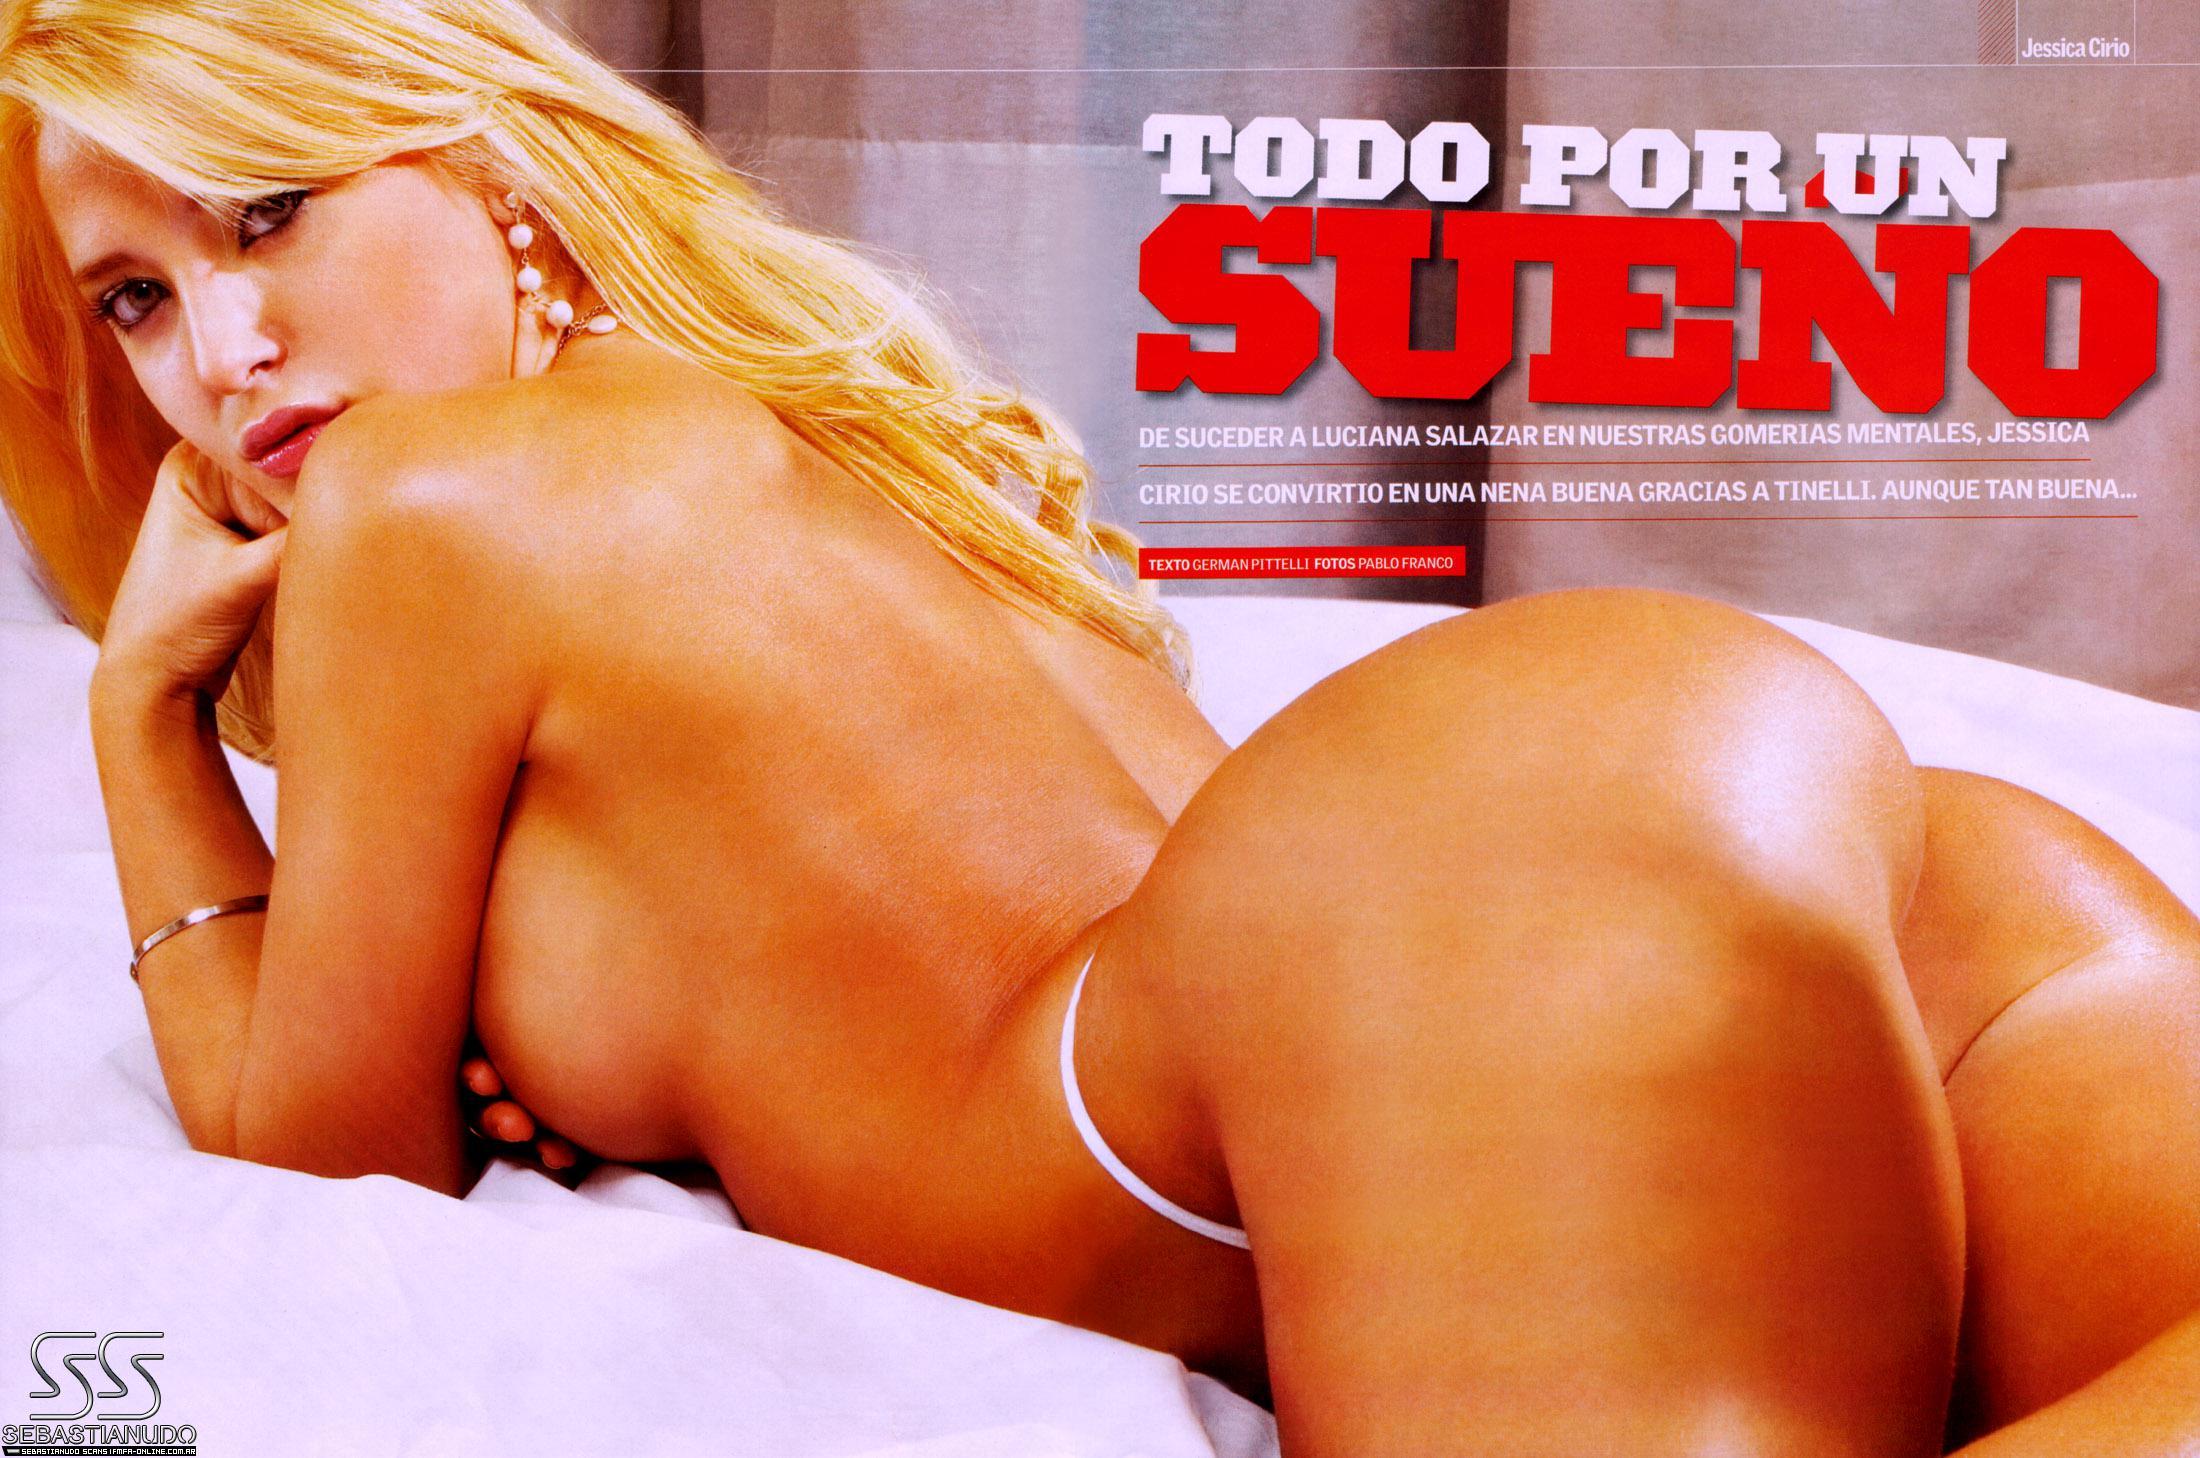 Playboy Fotos de Modelos Playboy Desnudas